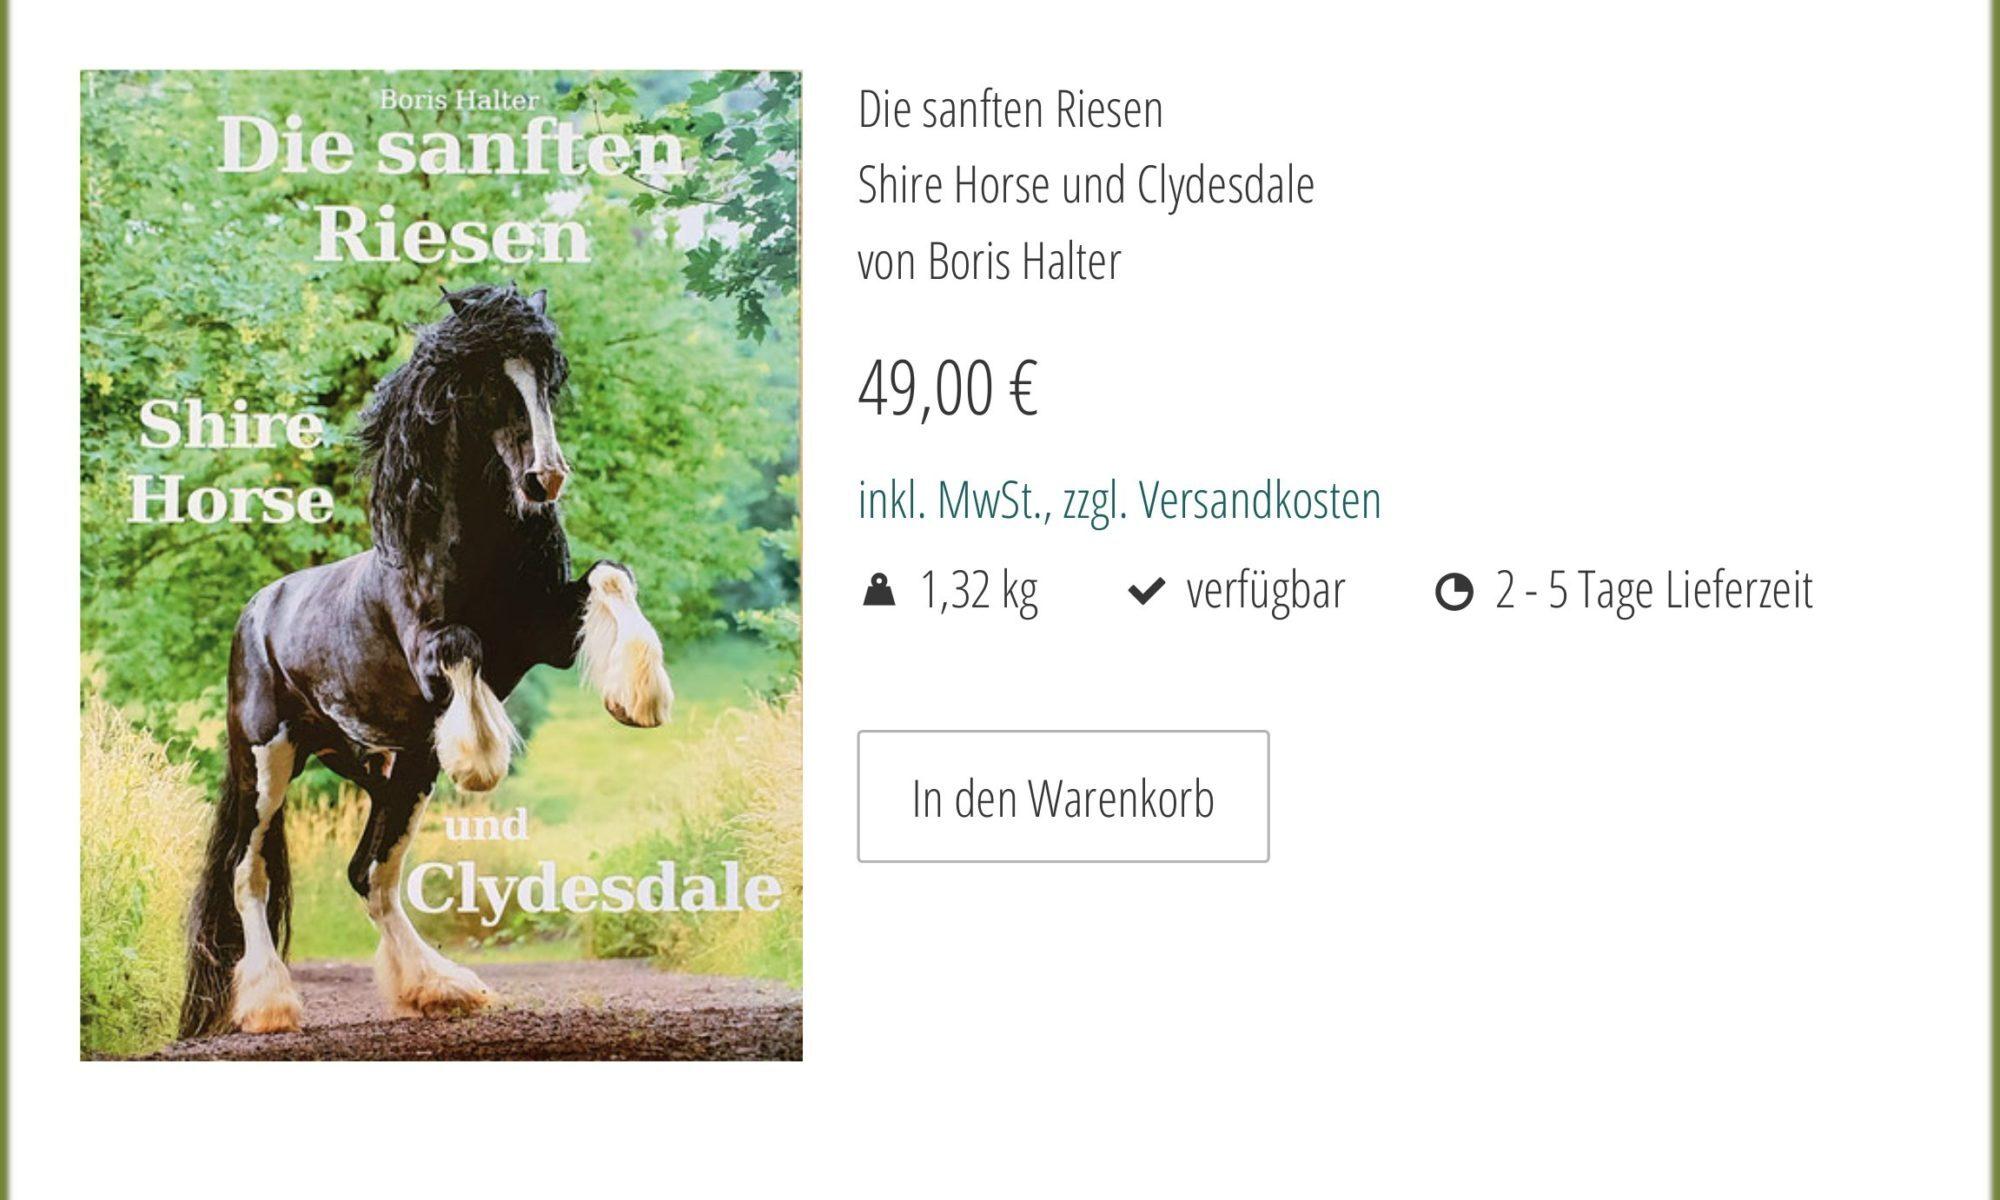 Screenshot aus dem Online Shop des Starke Pferde Verlages